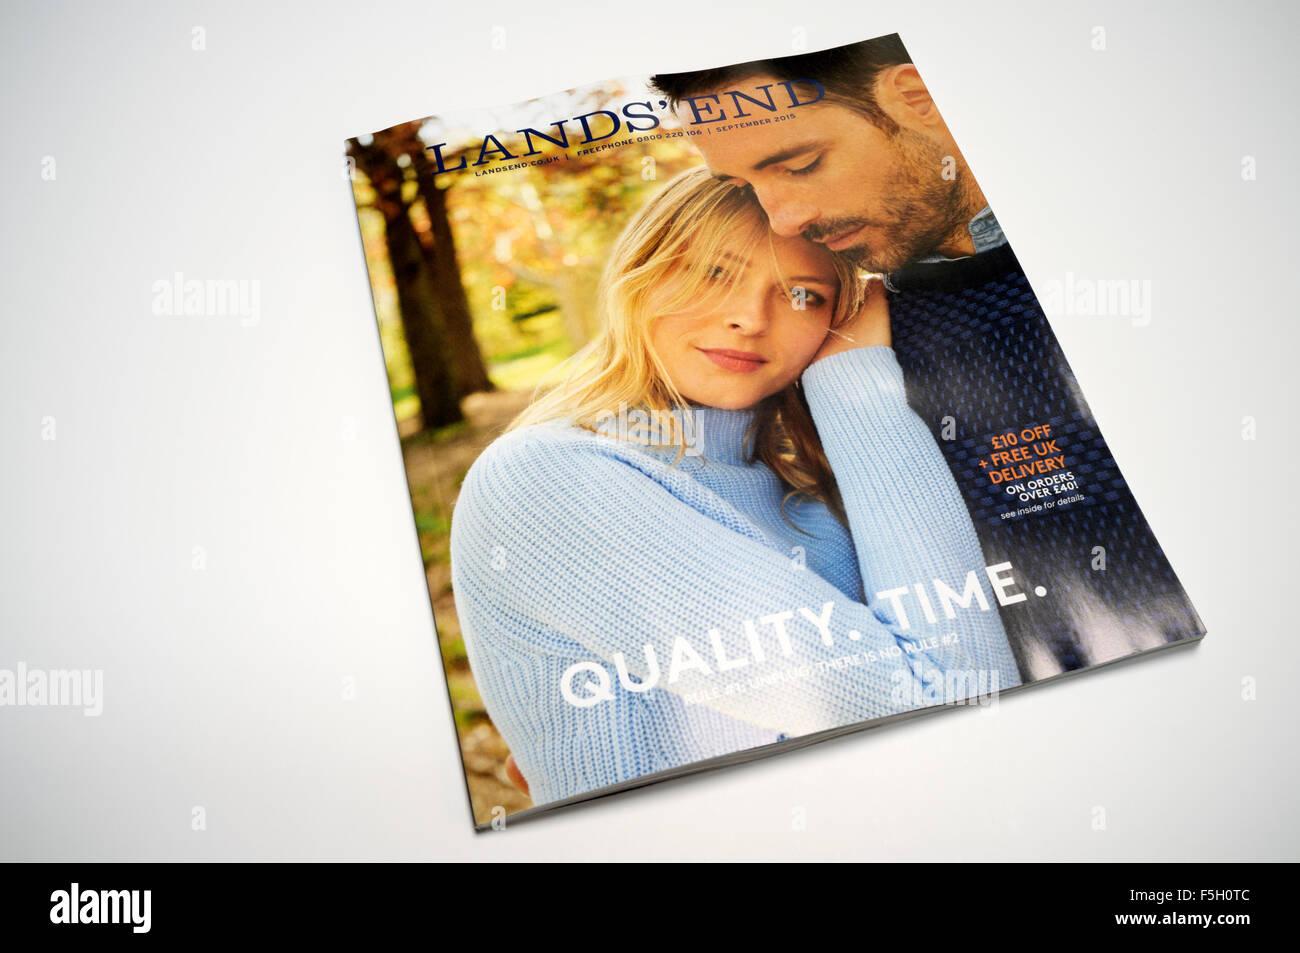 Abbigliamento Landsend azienda catalogo Immagini Stock